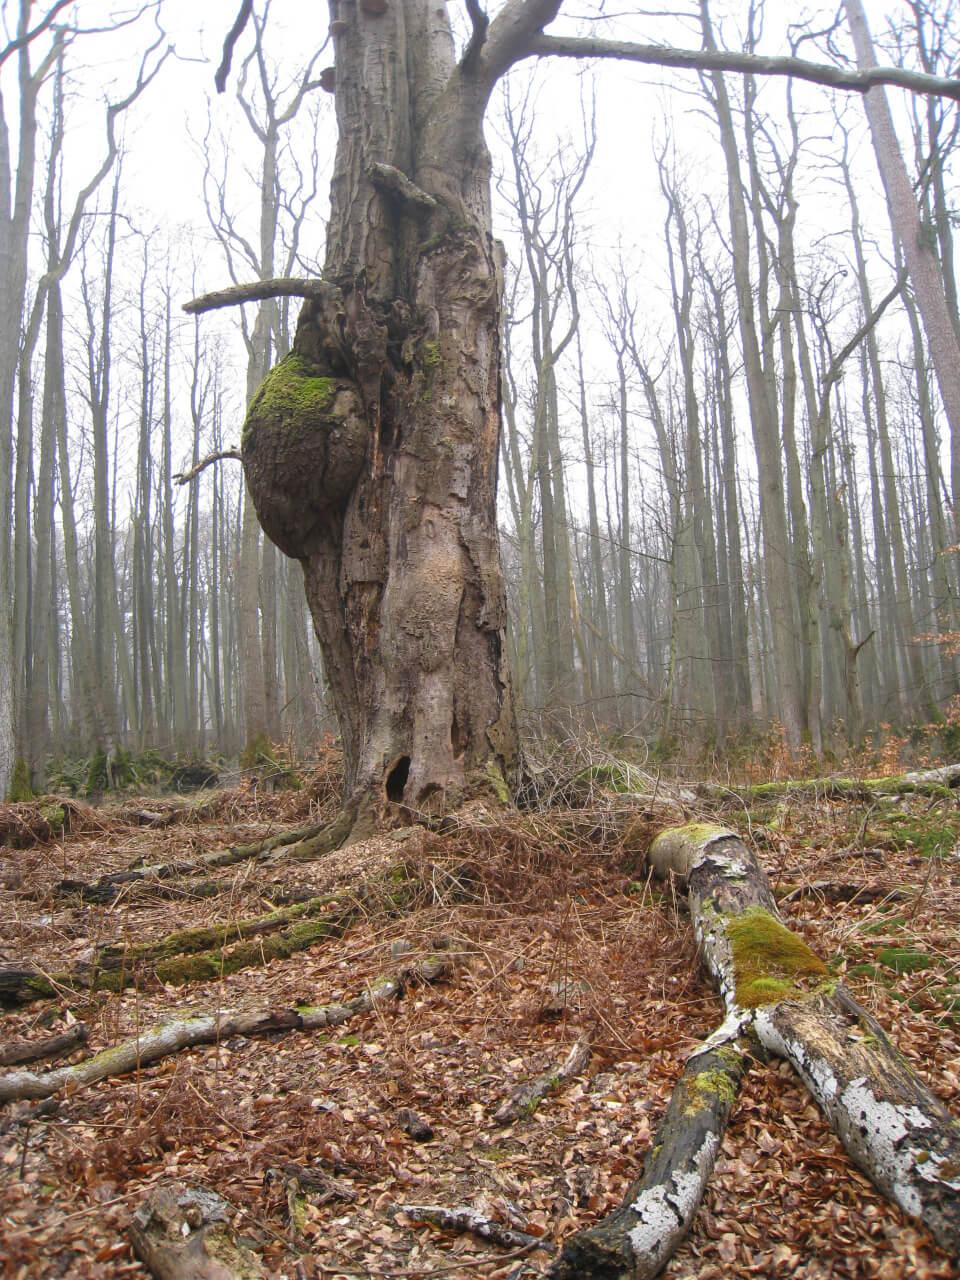 Darßer Wald auf dem Weg zum Weststrand